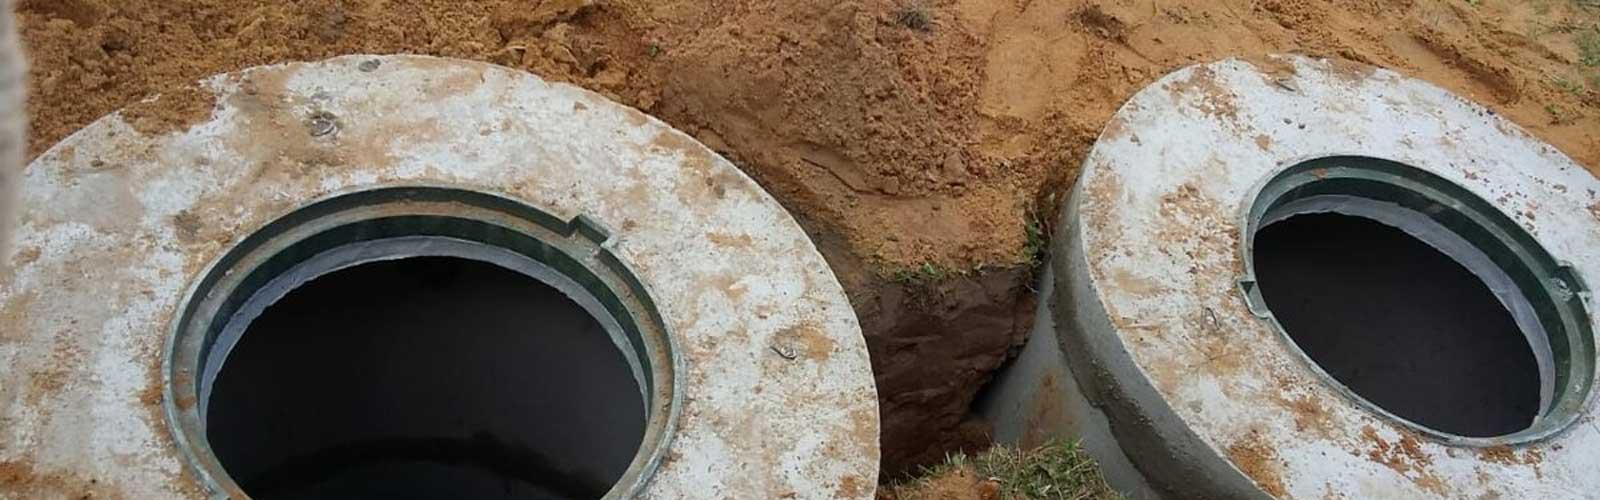 расчет количества колец и объема септика в Самарской области под ключ, копка и строительство